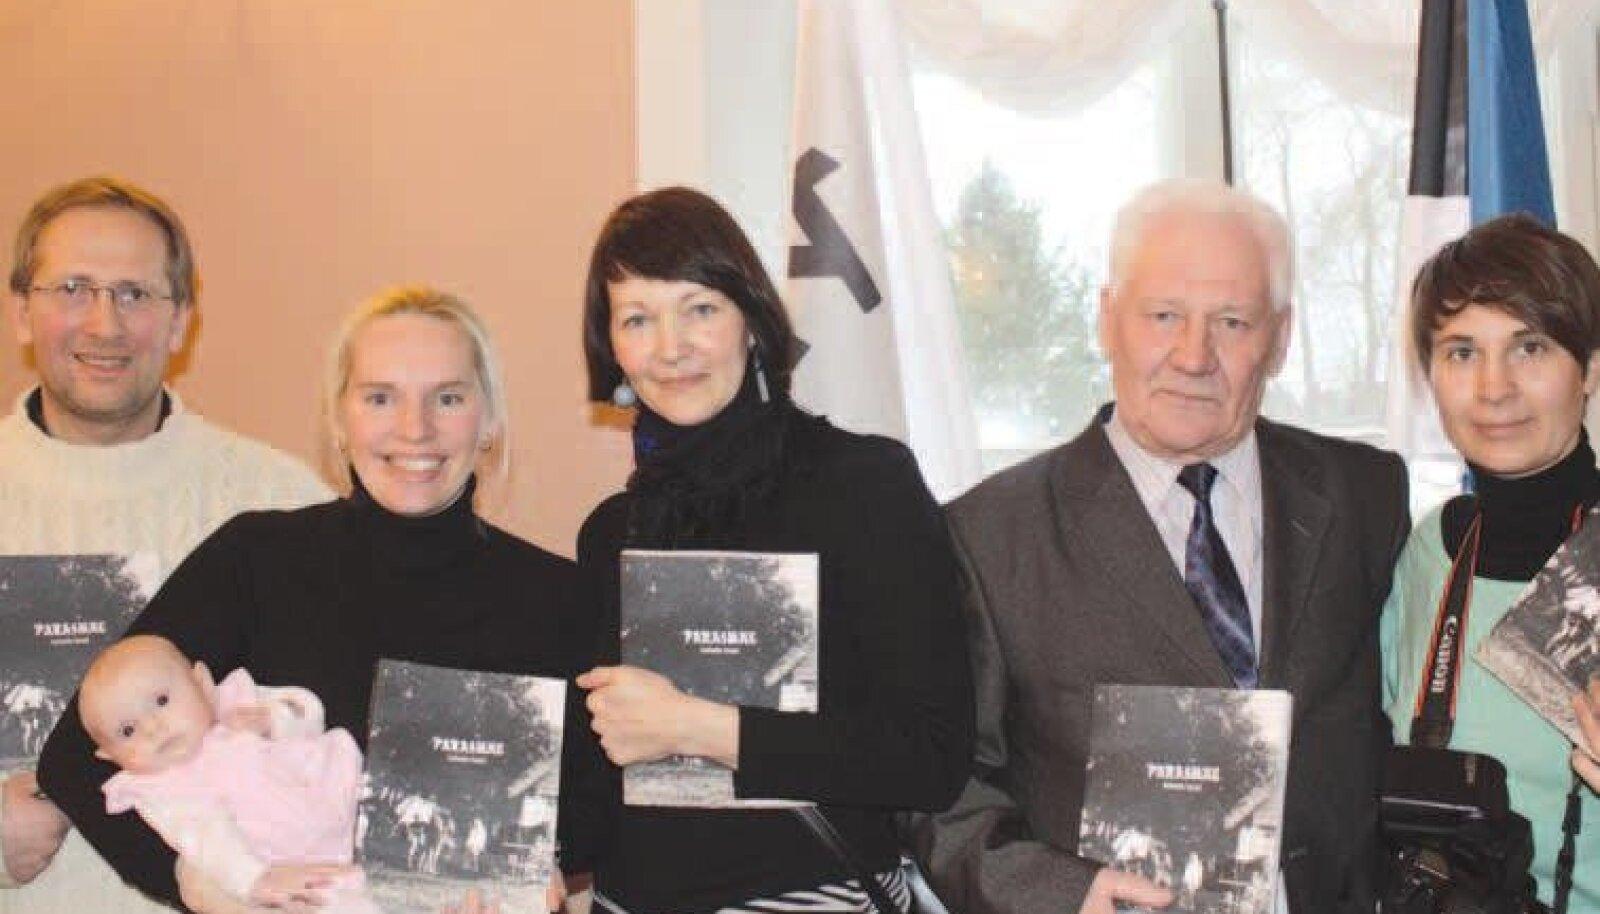 Erik Sepping, raamatu autor on Helen Sooväli Sepping, kujundaja Kaia Rähn, külavanem Jüri Palts, fotograaf Annika Haas.